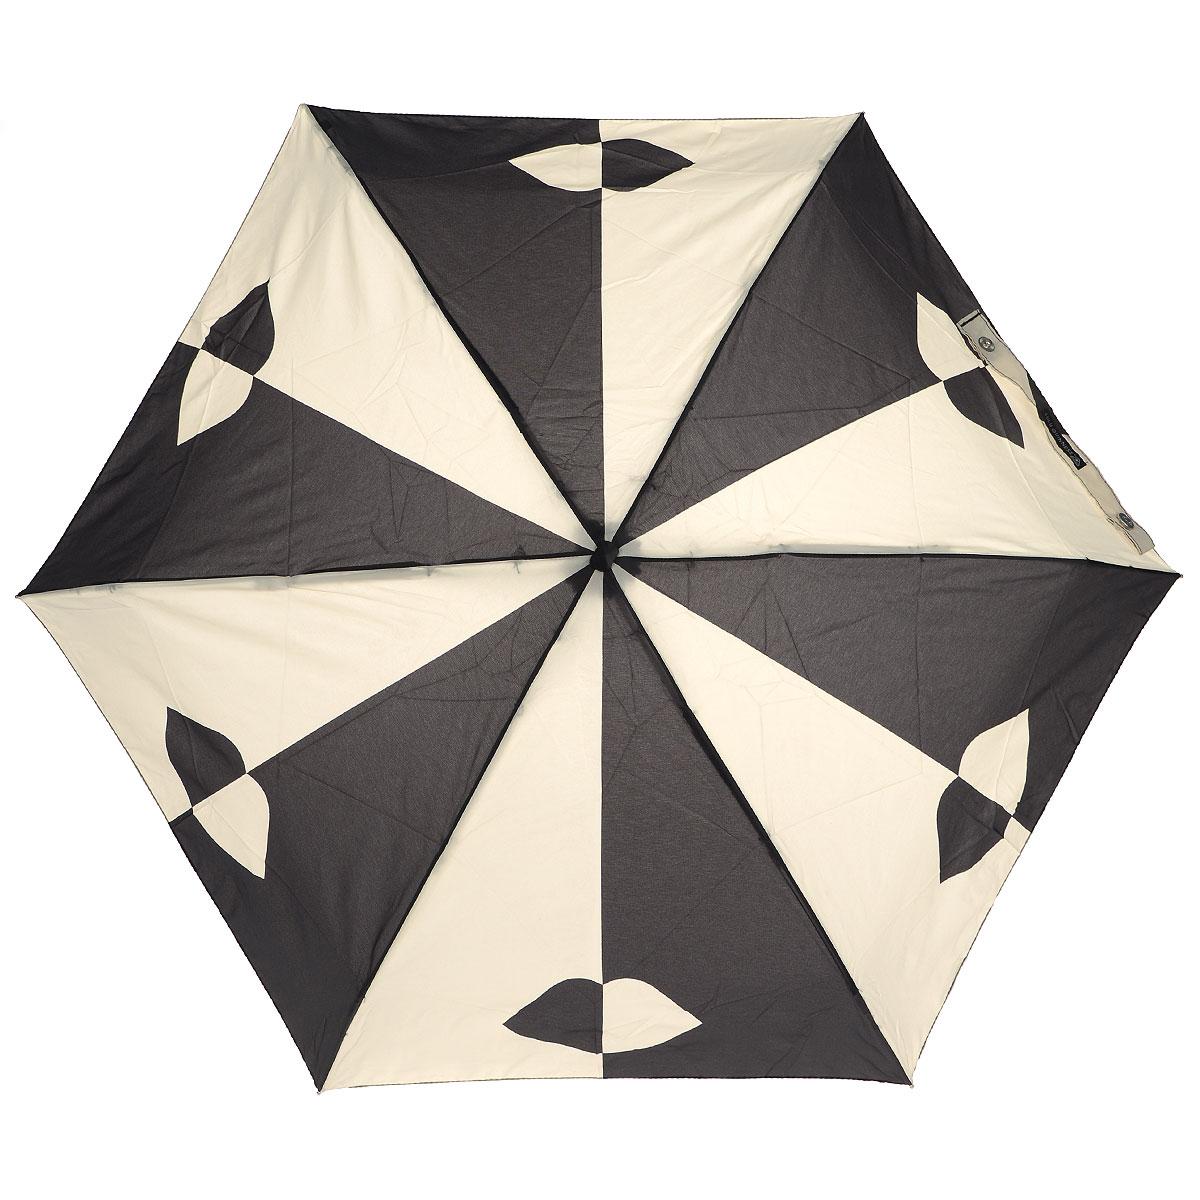 """Зонт женский Lulu Guinness Stone Black Lips, механический, 5 сложений, цвет: черный, бежевыйL717 3F2679Стильный зонт """"Stone Black Lips"""" защитит от непогоды, а его сверхкомпактный размер позволит вам всегда носить его с собой. """"Ветростойкий"""" каркас зонта выполнен из алюминия и состоит из шести спиц с элементами из фибергласса, зонт оснащен удобной рукояткой из прорезиненного пластика. Купол зонта выполнен из прочного полиэстера и оформлен принтом в виде губ. На рукоятке для удобства есть небольшой шнурок, позволяющий надеть зонт на руку тогда, когда это будет необходимо. К зонту прилагается чехол. Зонт механического сложения: купол открывается и закрывается вручную, стержень также складывается вручную до характерного щелчка. Характеристики: Материал: алюминий, фибергласс, пластик, полиэстер. Цвет: черный, бежевый. Диаметр купола: 87 см. Длина зонта в сложенном виде: 15 см. Длина ручки (стержня) в раскрытом виде: 50 см. Вес: 158 г. Артикул: L717 3F2679."""